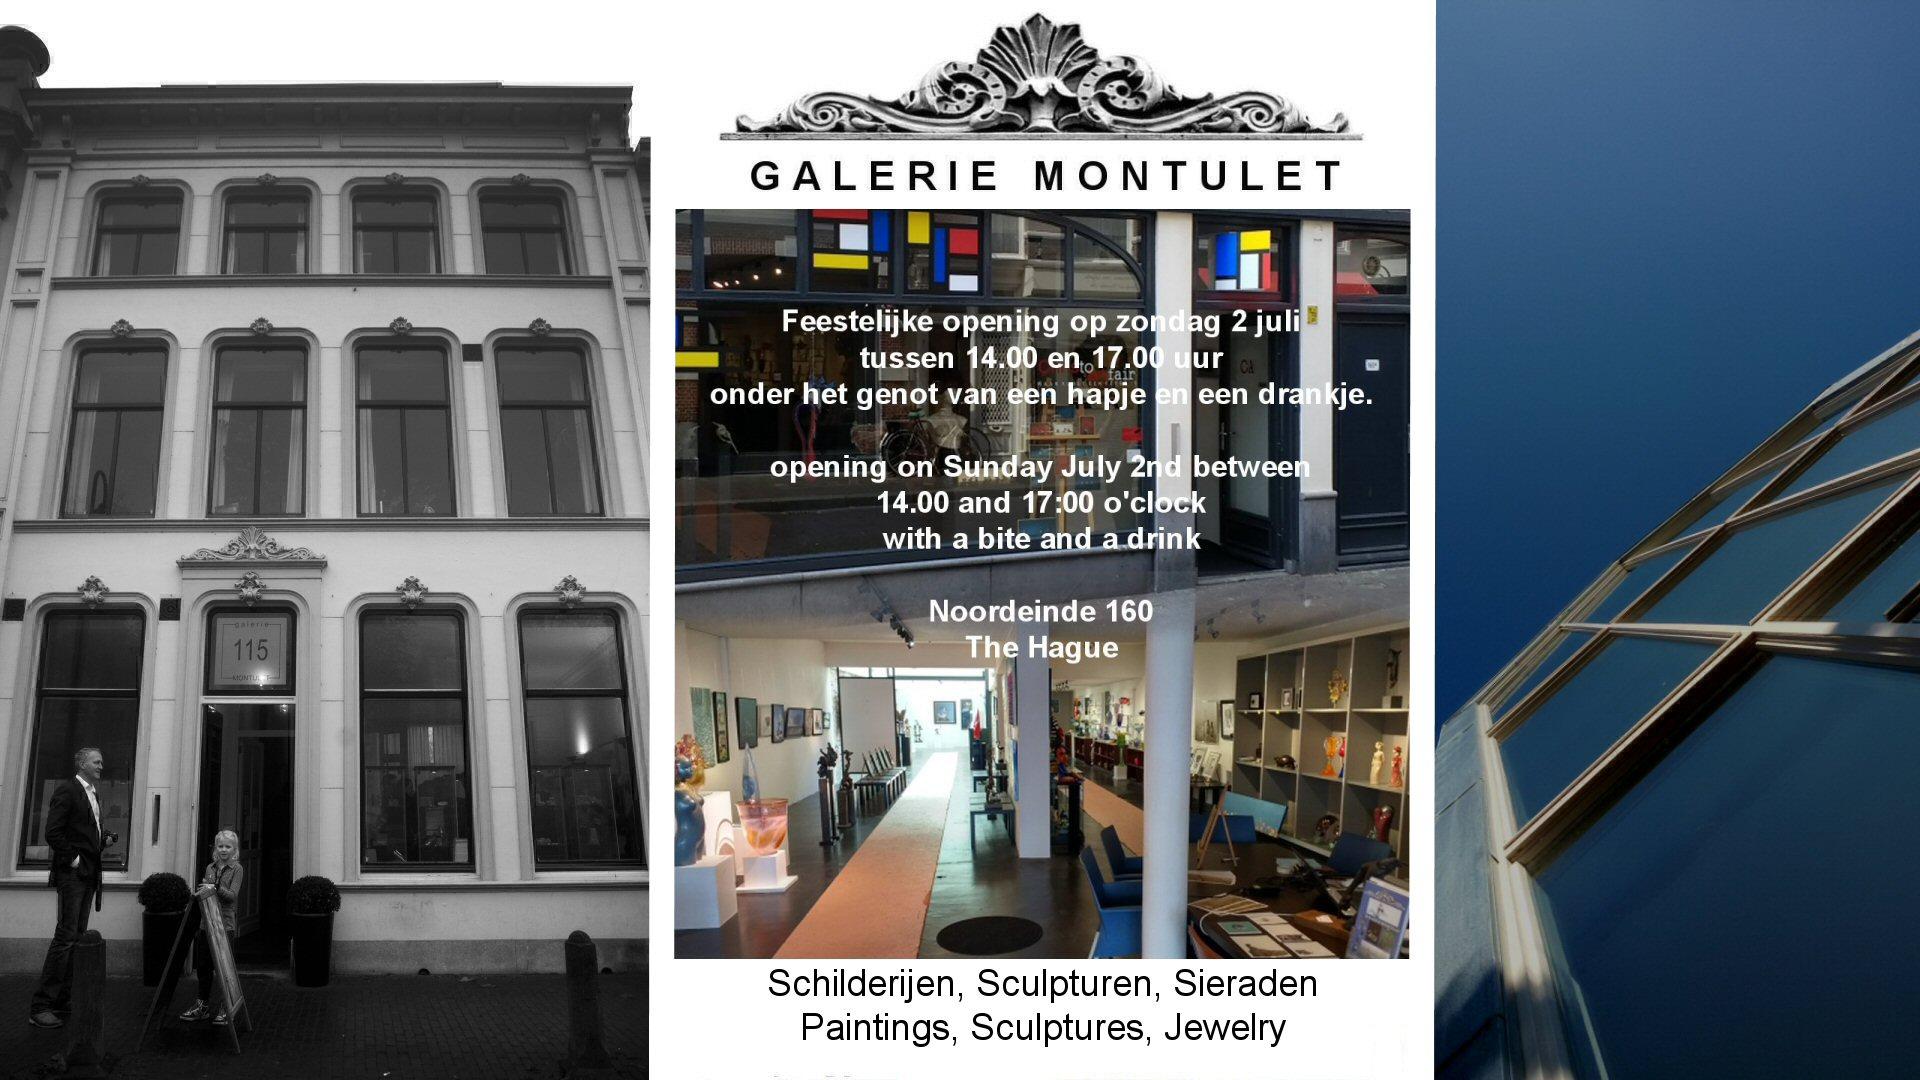 Galerie Montulet-eindscherm-noordeinde